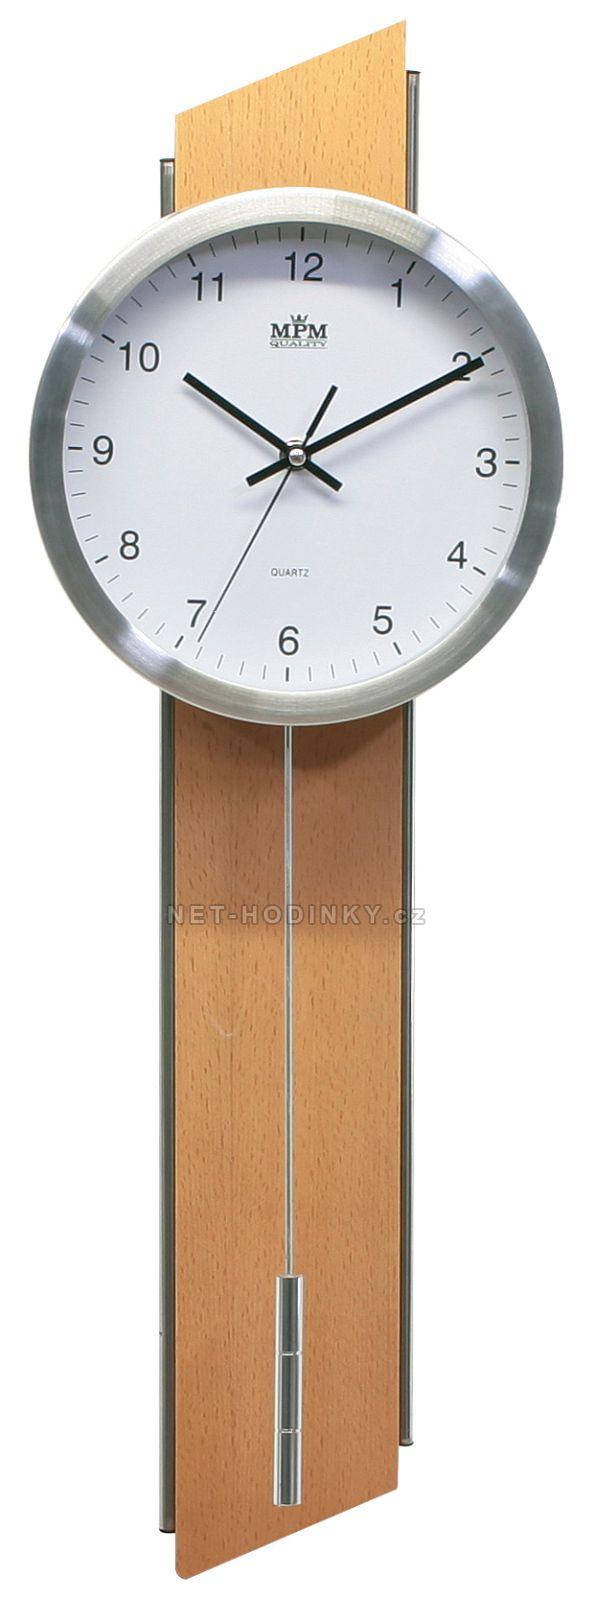 Jednoduché moderní nástěnné hodiny s kyvadlem E01.2462